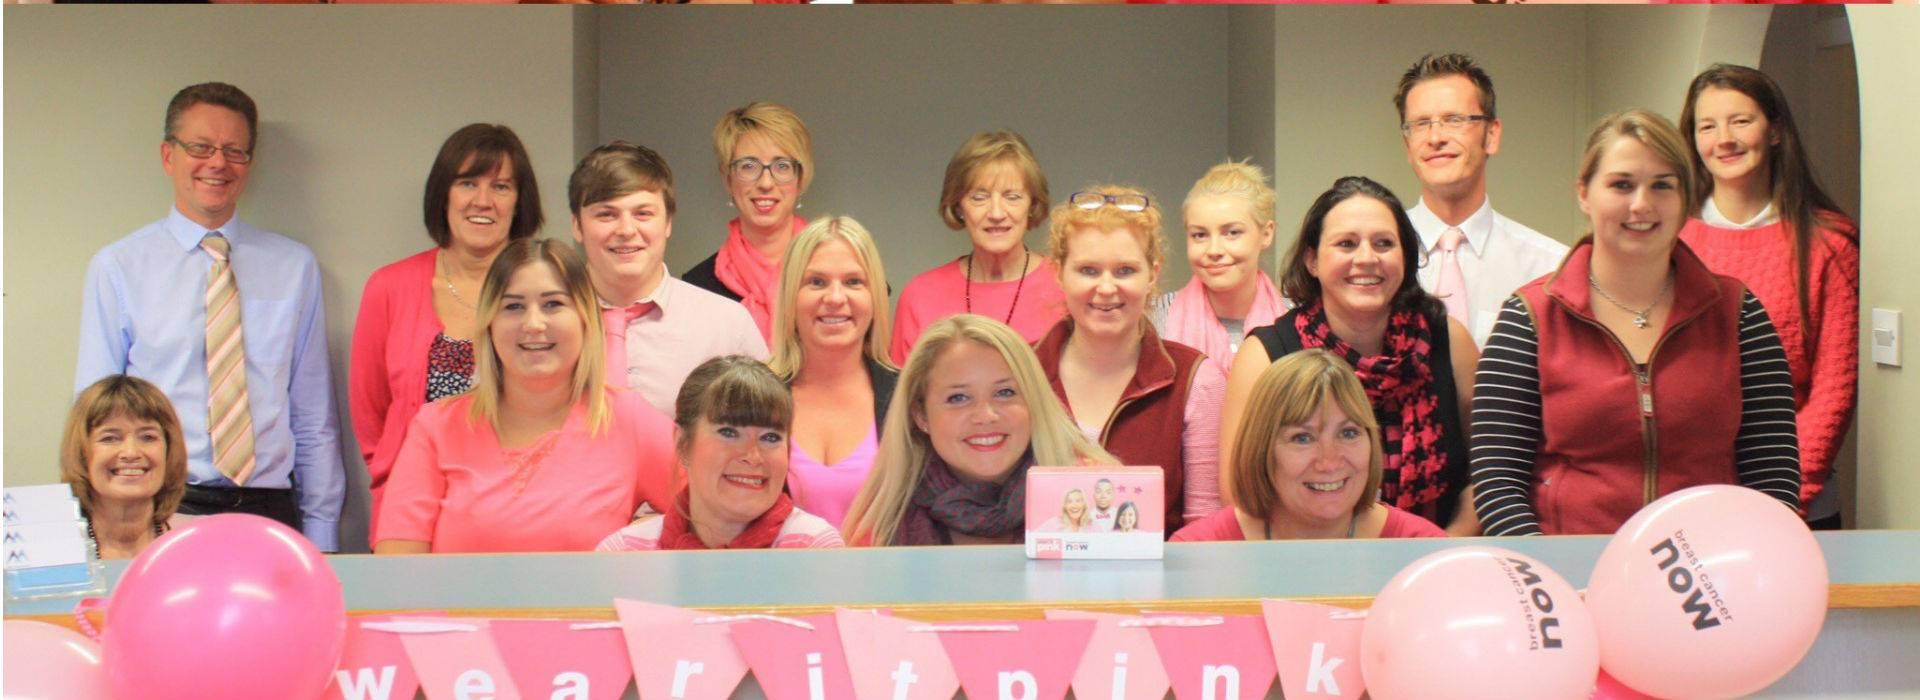 Wear It Pink blog post